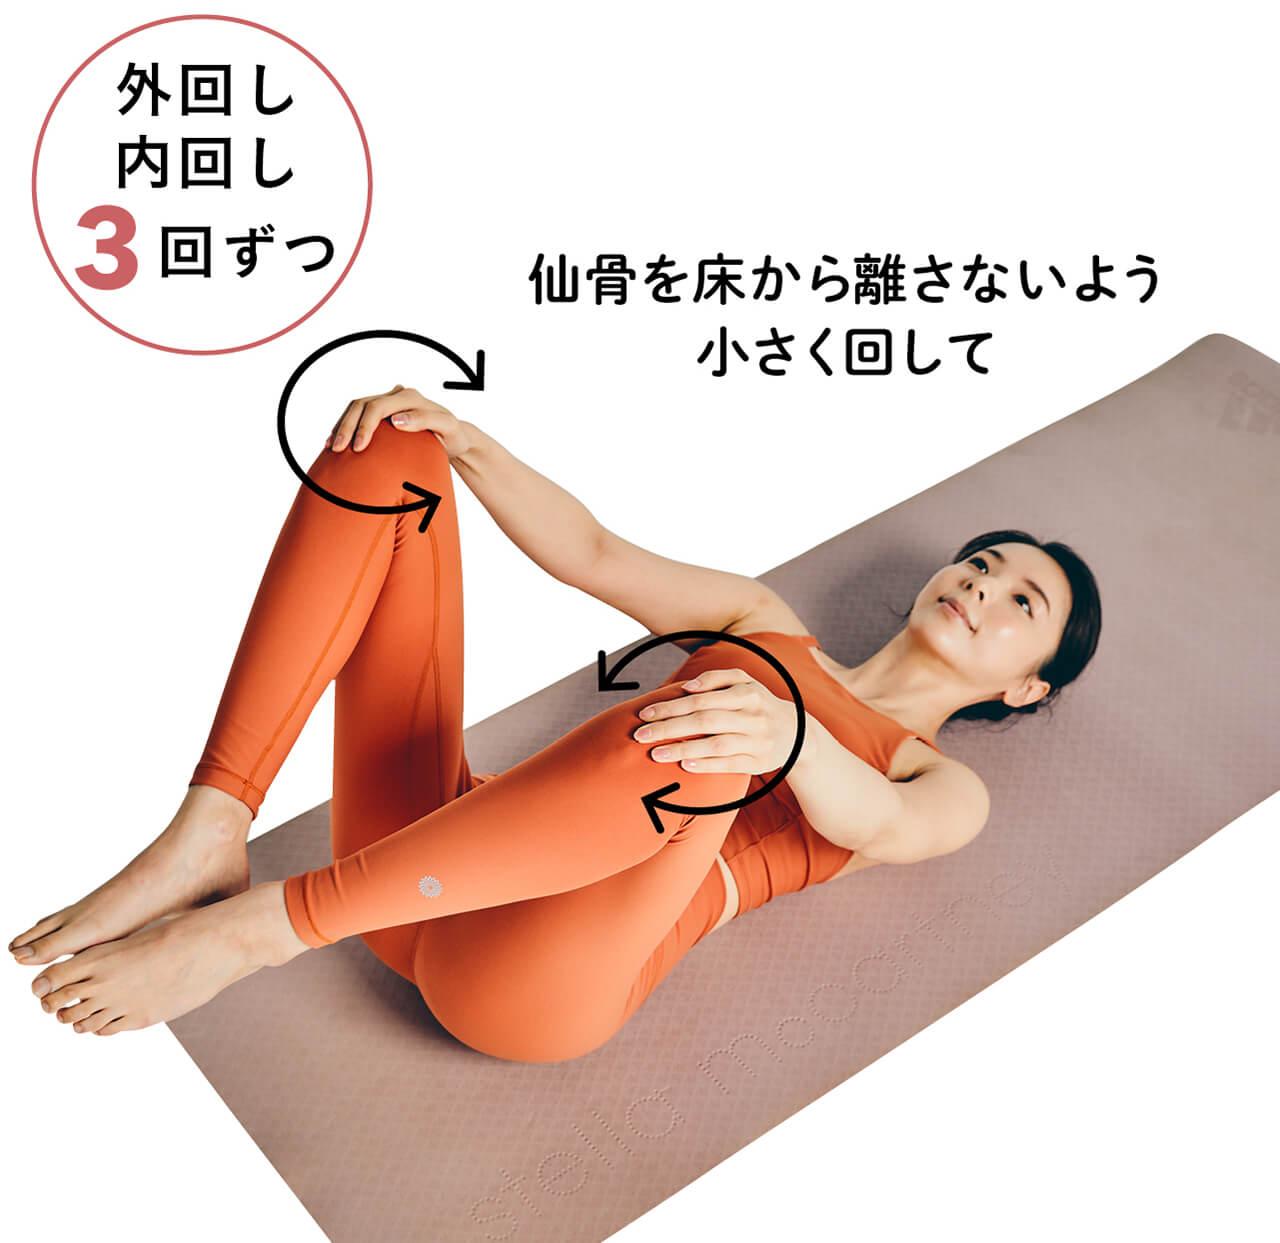 ひざを回しながら仙骨の下側をほぐす 内回し外回し3回ずつ 仙骨を床から離さないよう小さく回して